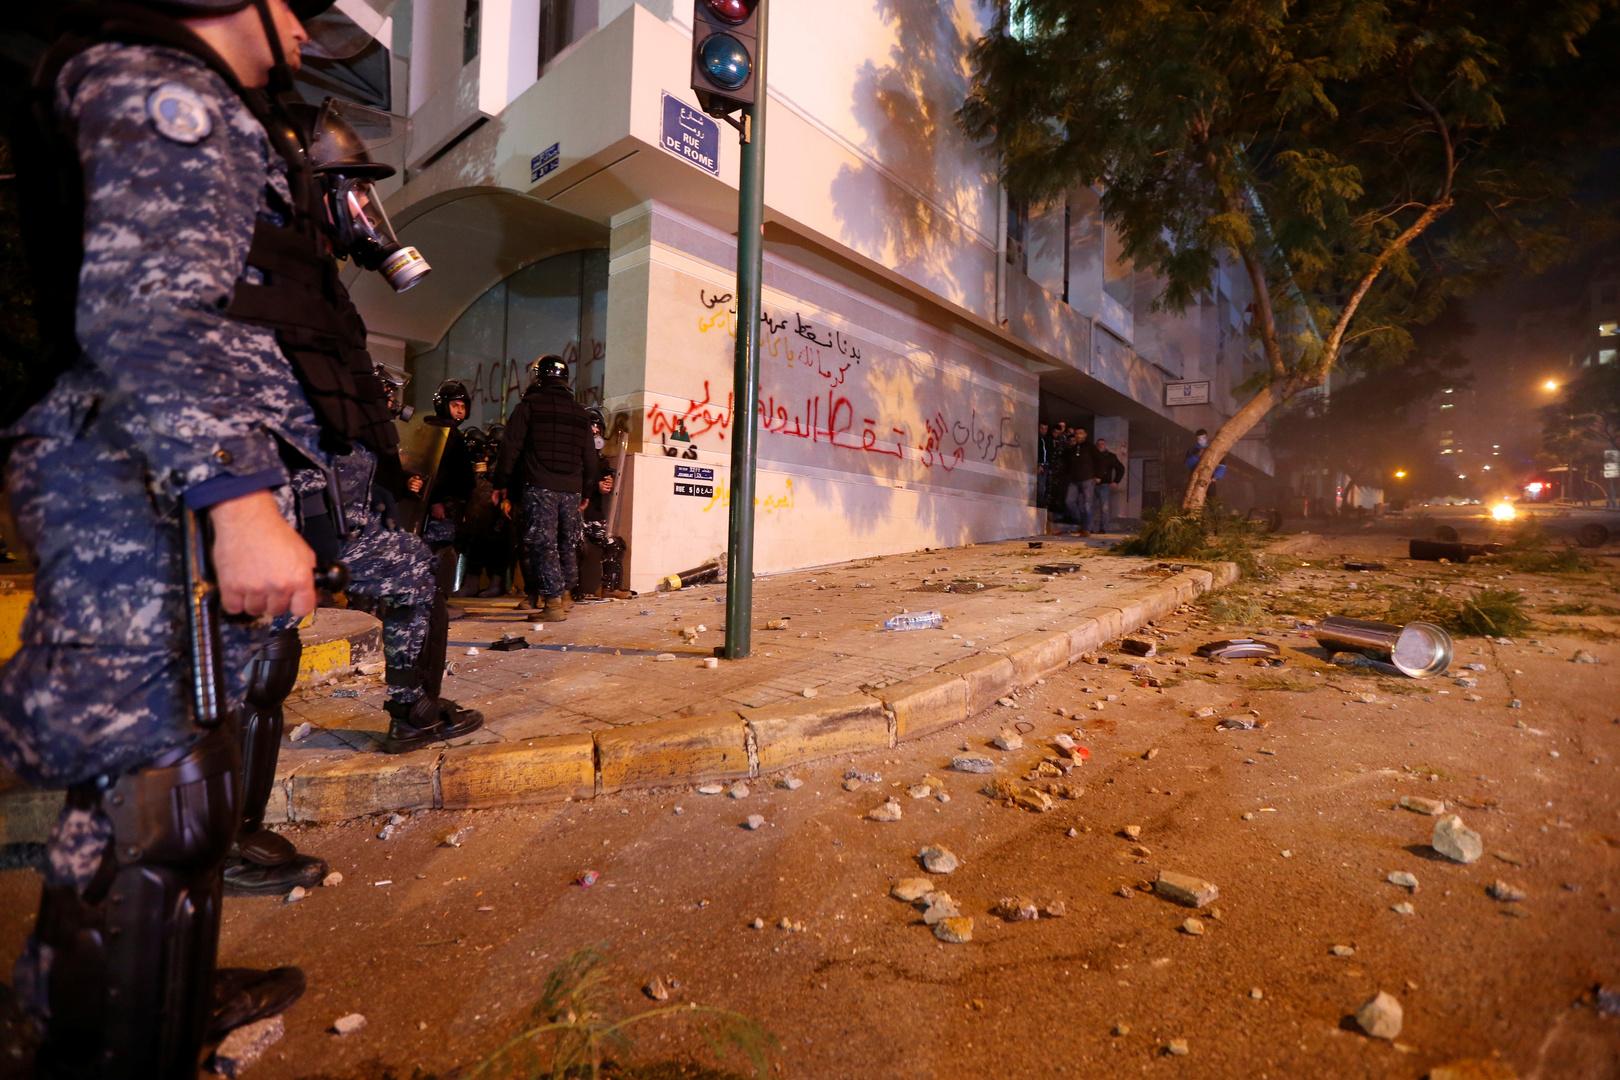 مشهد أمني متوتر في بيروت ومؤشرات حكومية إيجابية